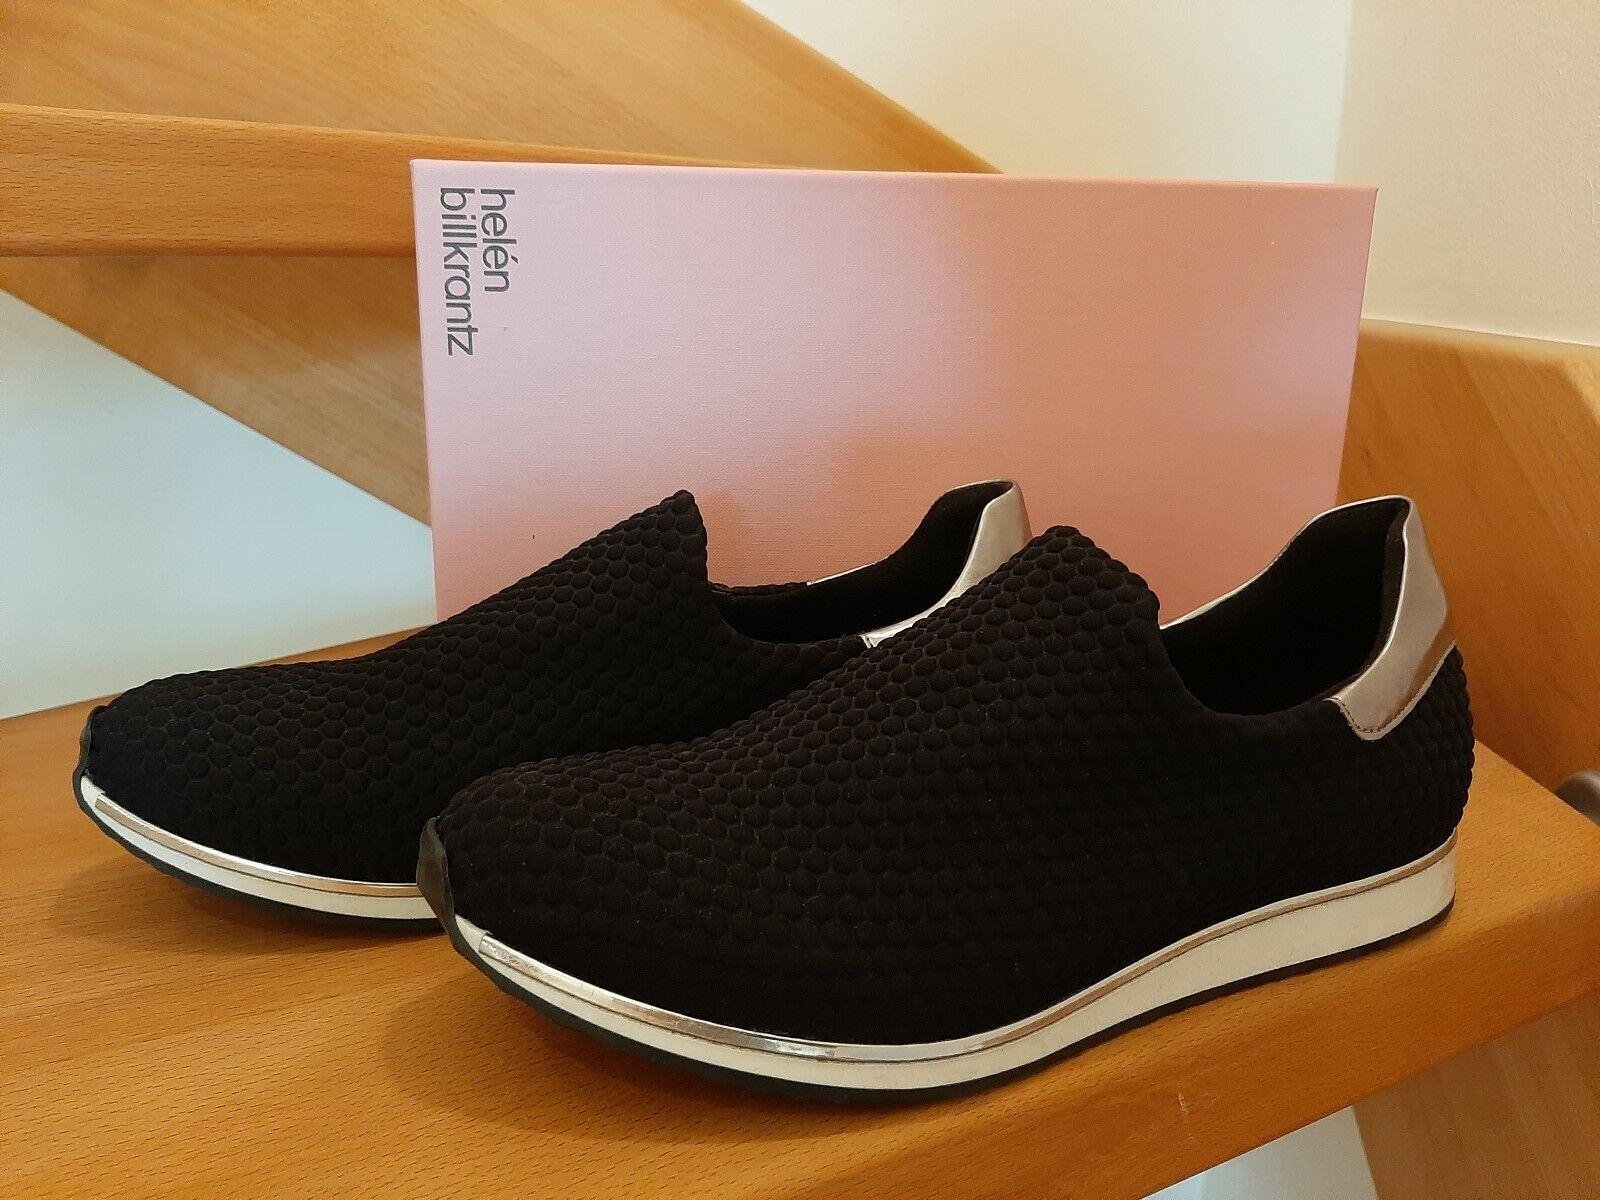 HELEN BILLKRANTZ schwarze Turnschuhe Schuhe Größe 39 neu, ungetragen in OVP